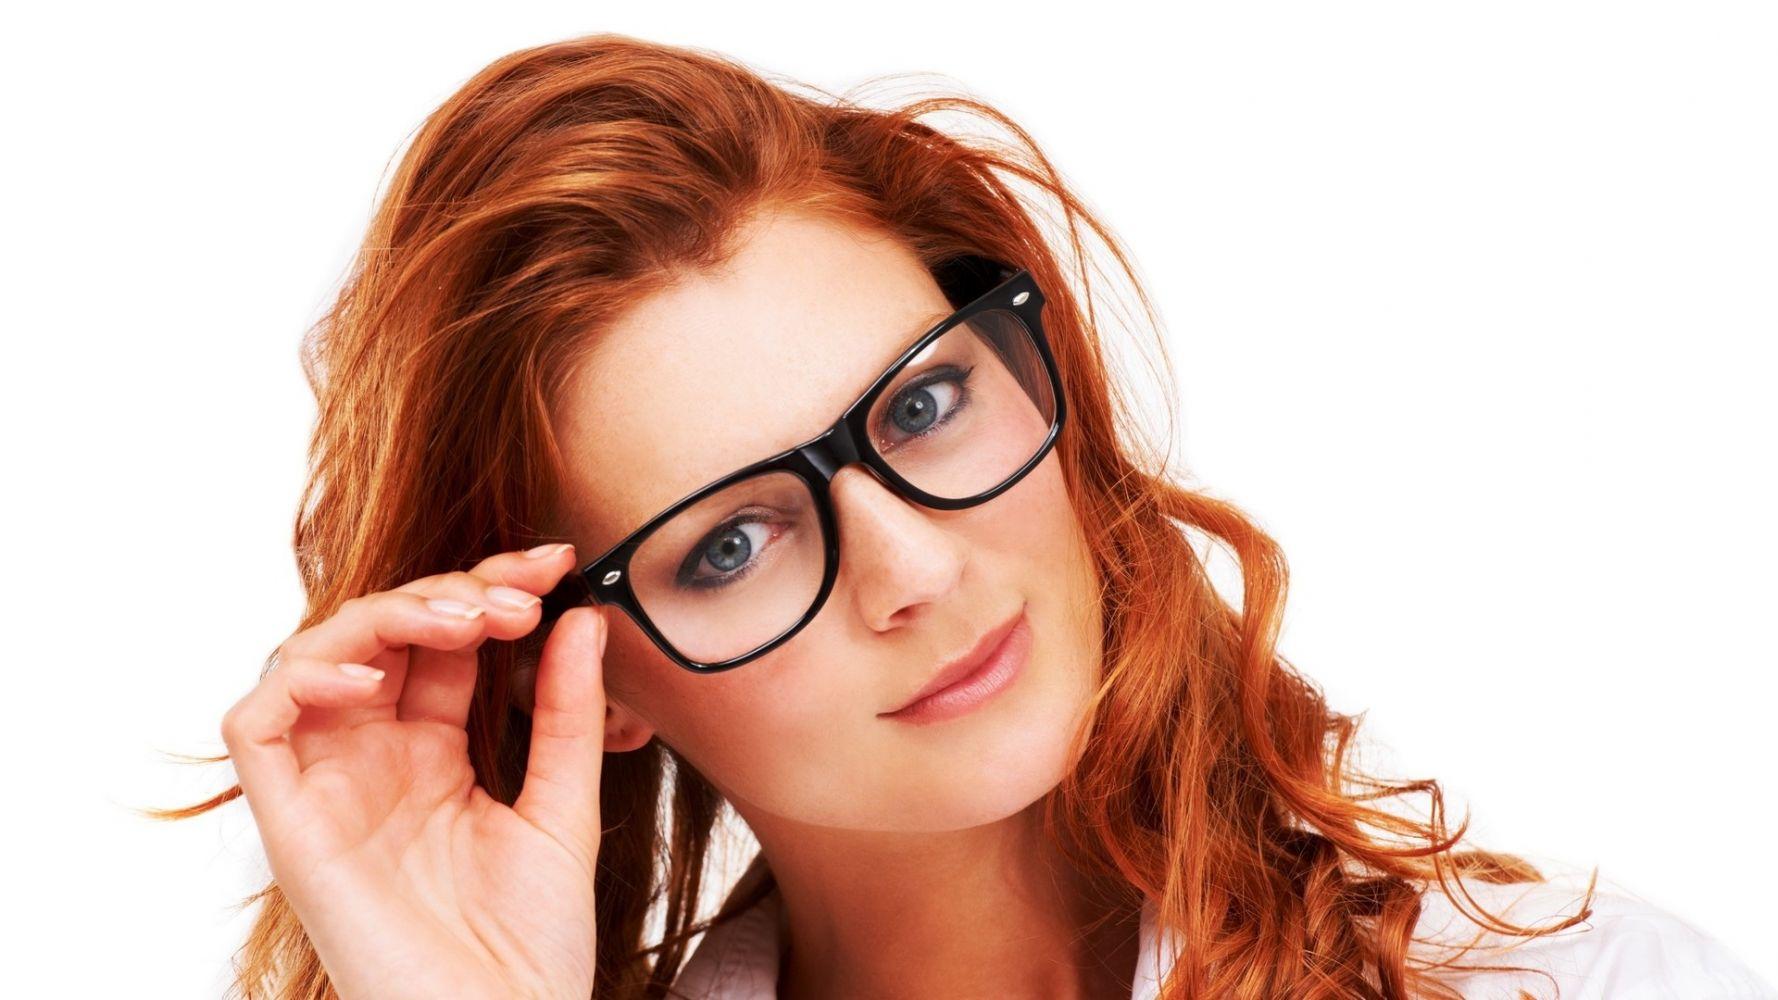 Секс с красивой в очках, В очках порно, смотреть секс с девушками в Очках 1 фотография